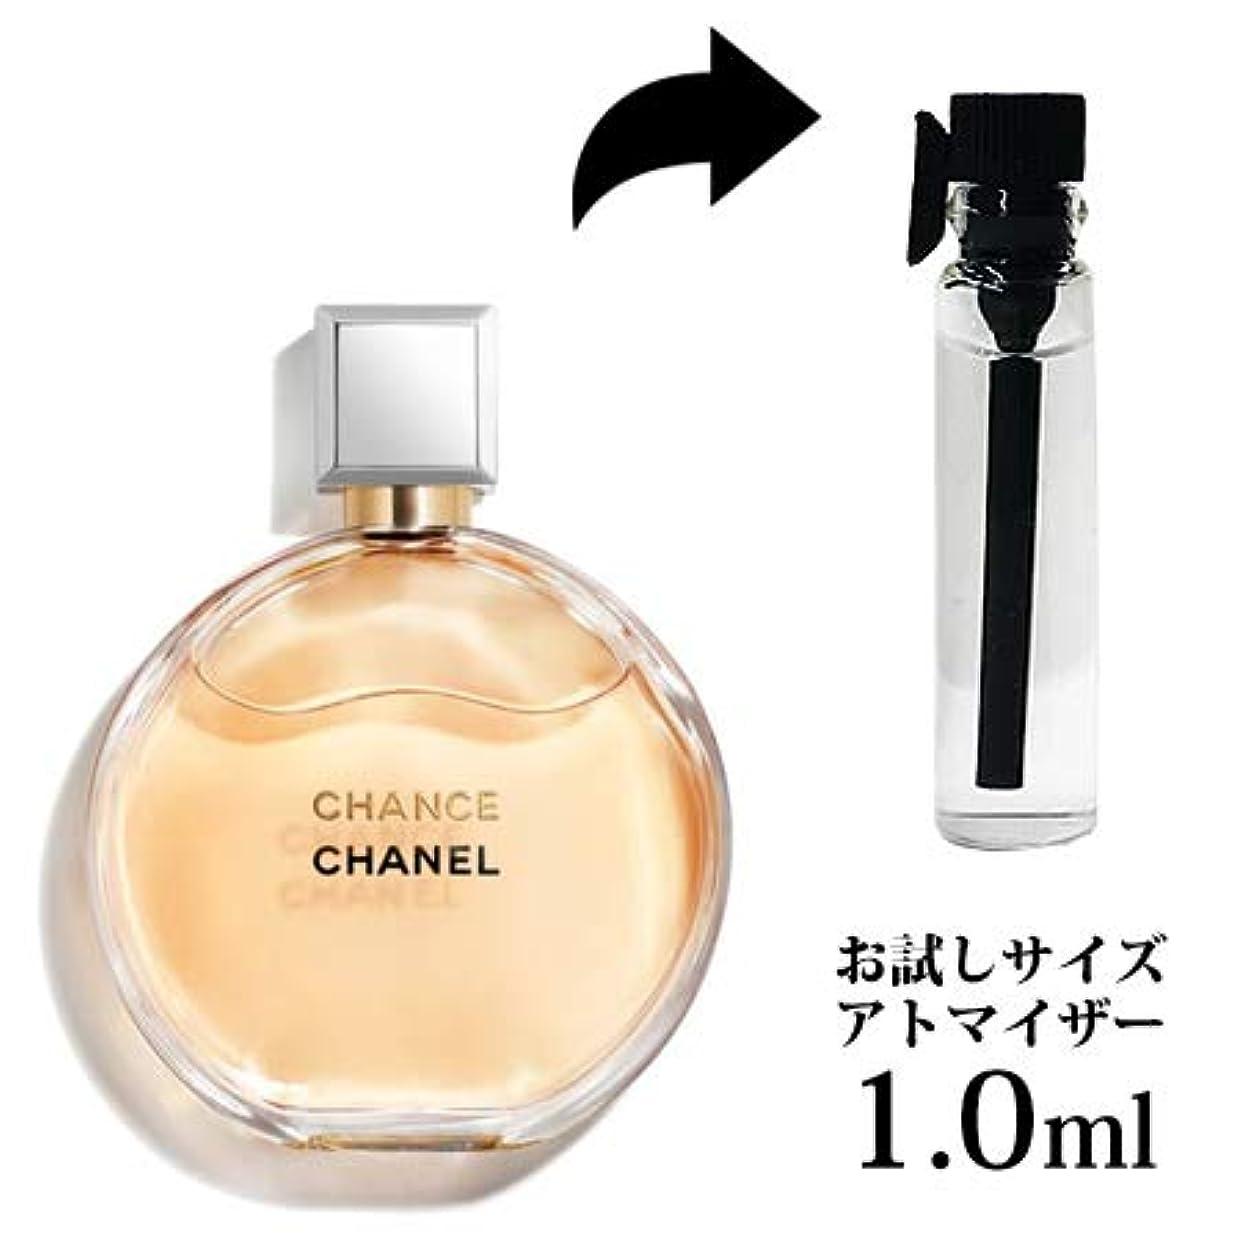 シャネル チャンス オードパルファム EDP 1ml -CHANEL- 【並行輸入品】